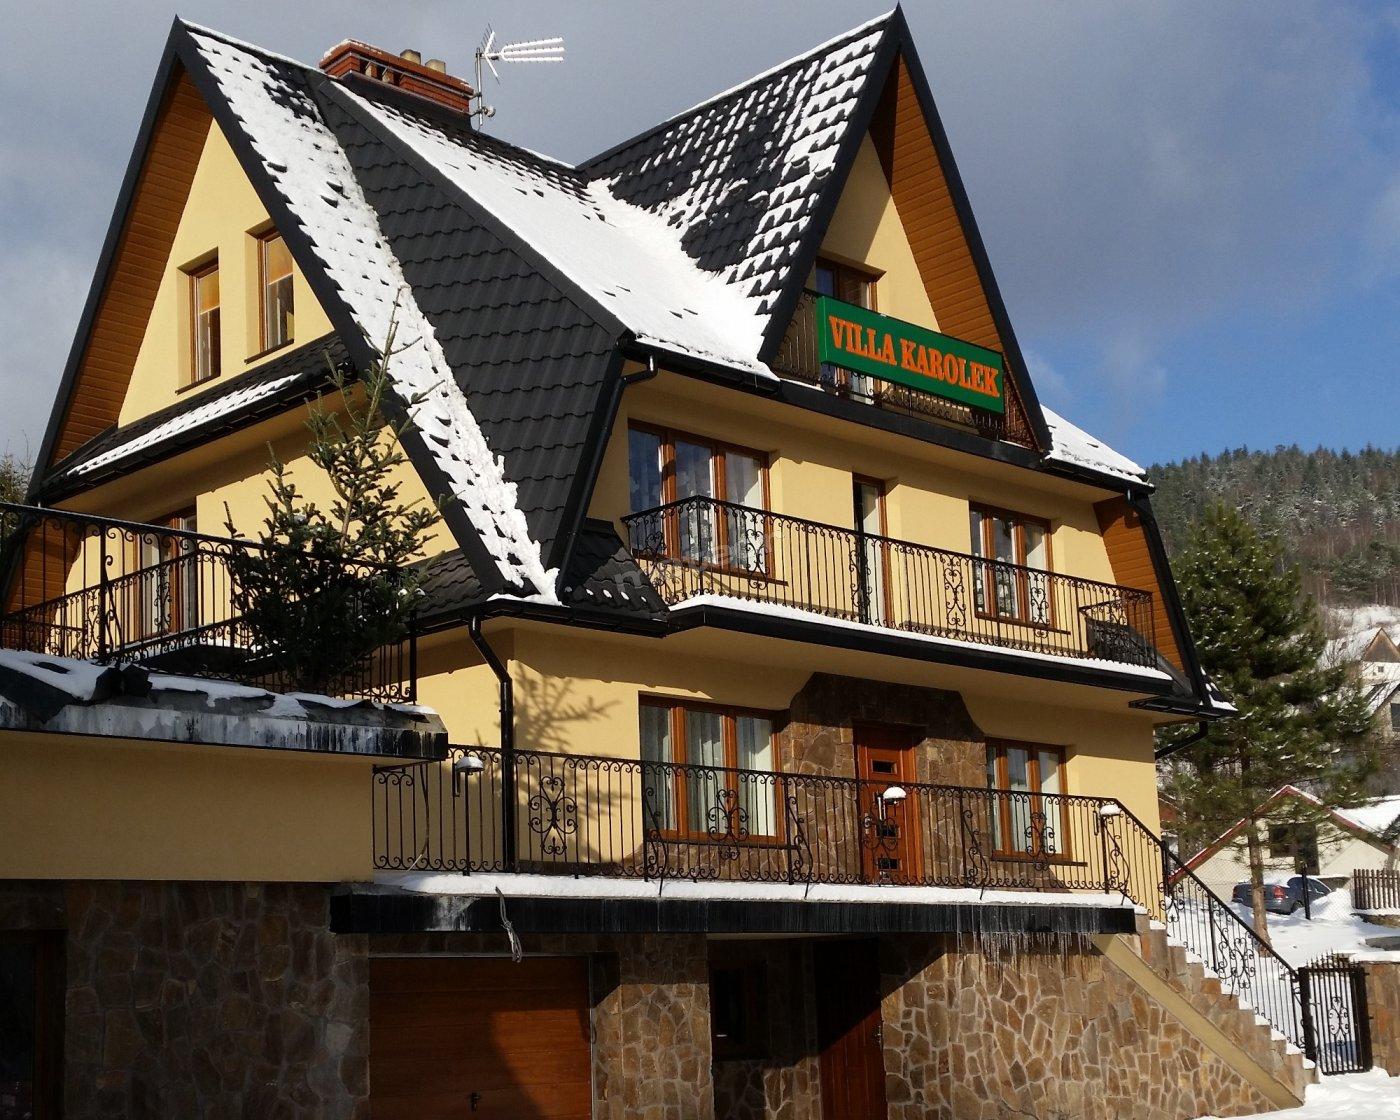 Villa Karolek